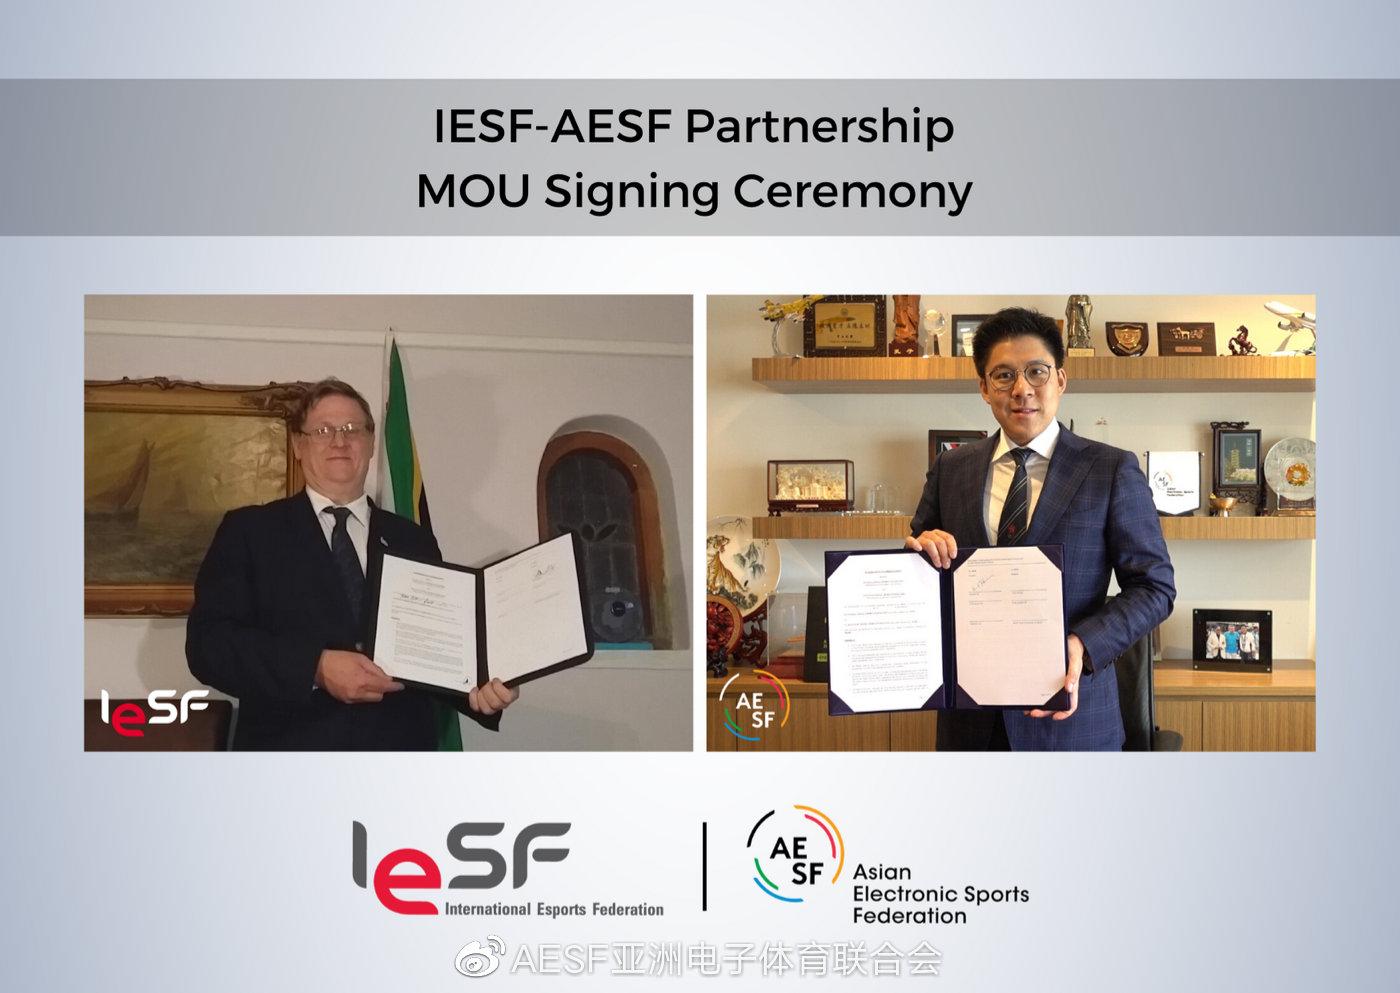 AESF携手IeSF共同推动电子体育/电子竞技在全球的发展